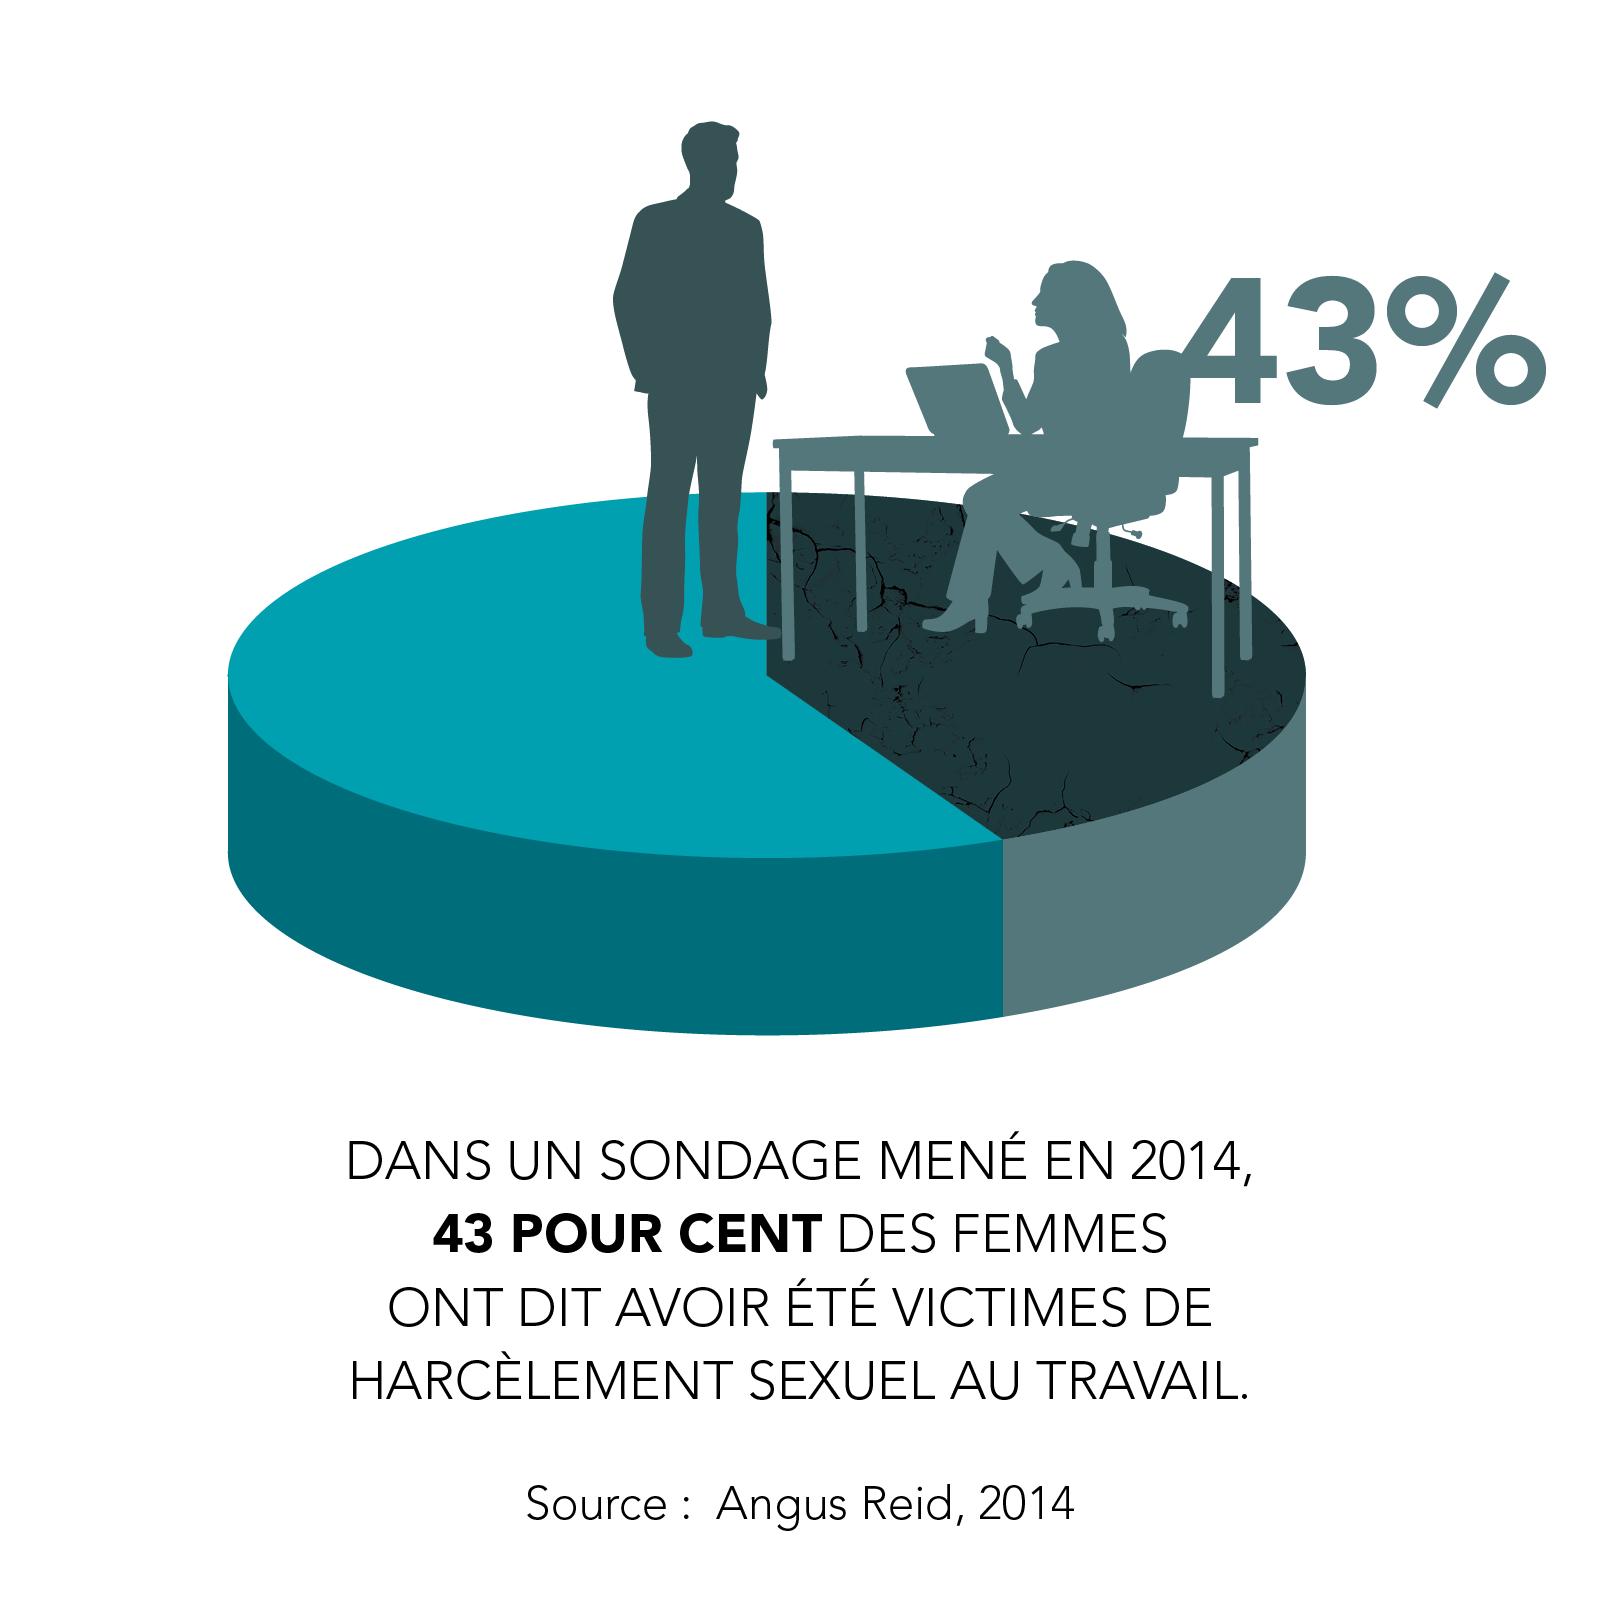 Dans un sondage mené en 2014,  43 pour cent des femmes  ont dit avoir été victimes de harcèlement sexuel au travail.  Source:  Angus Reid, 2014